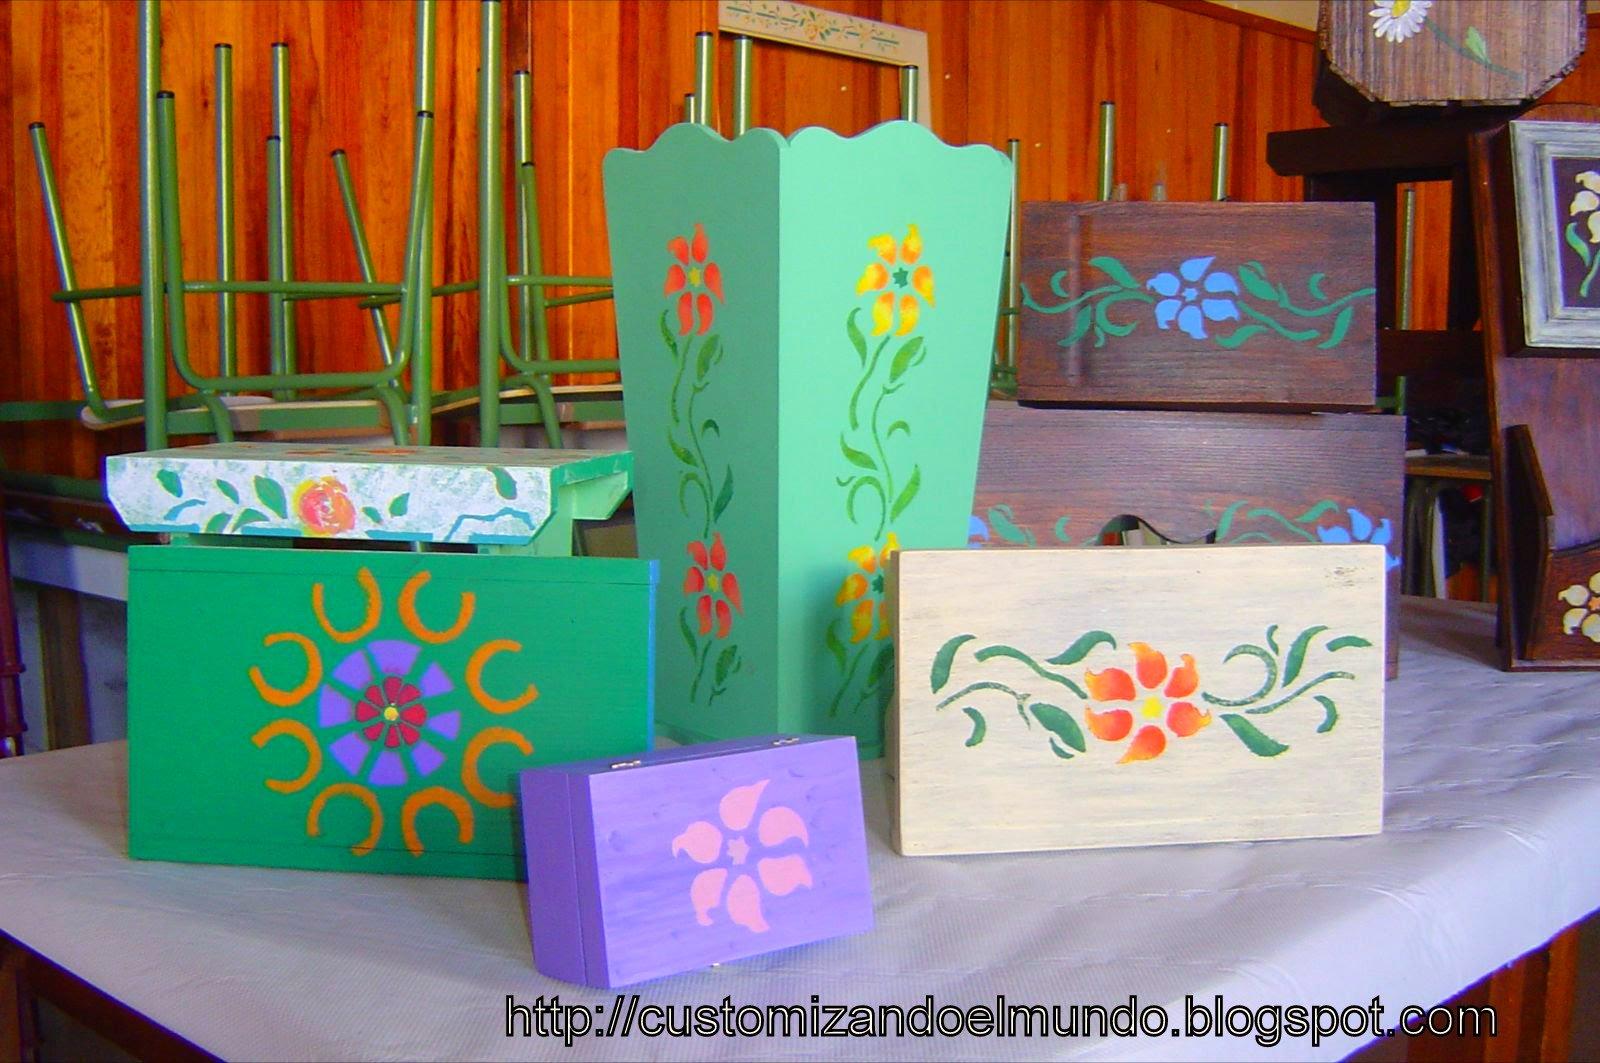 Customizando el mundo taller de restauraci n y ornamentaci n de muebles y objetos fuencaliente - Taller de restauracion de muebles ...